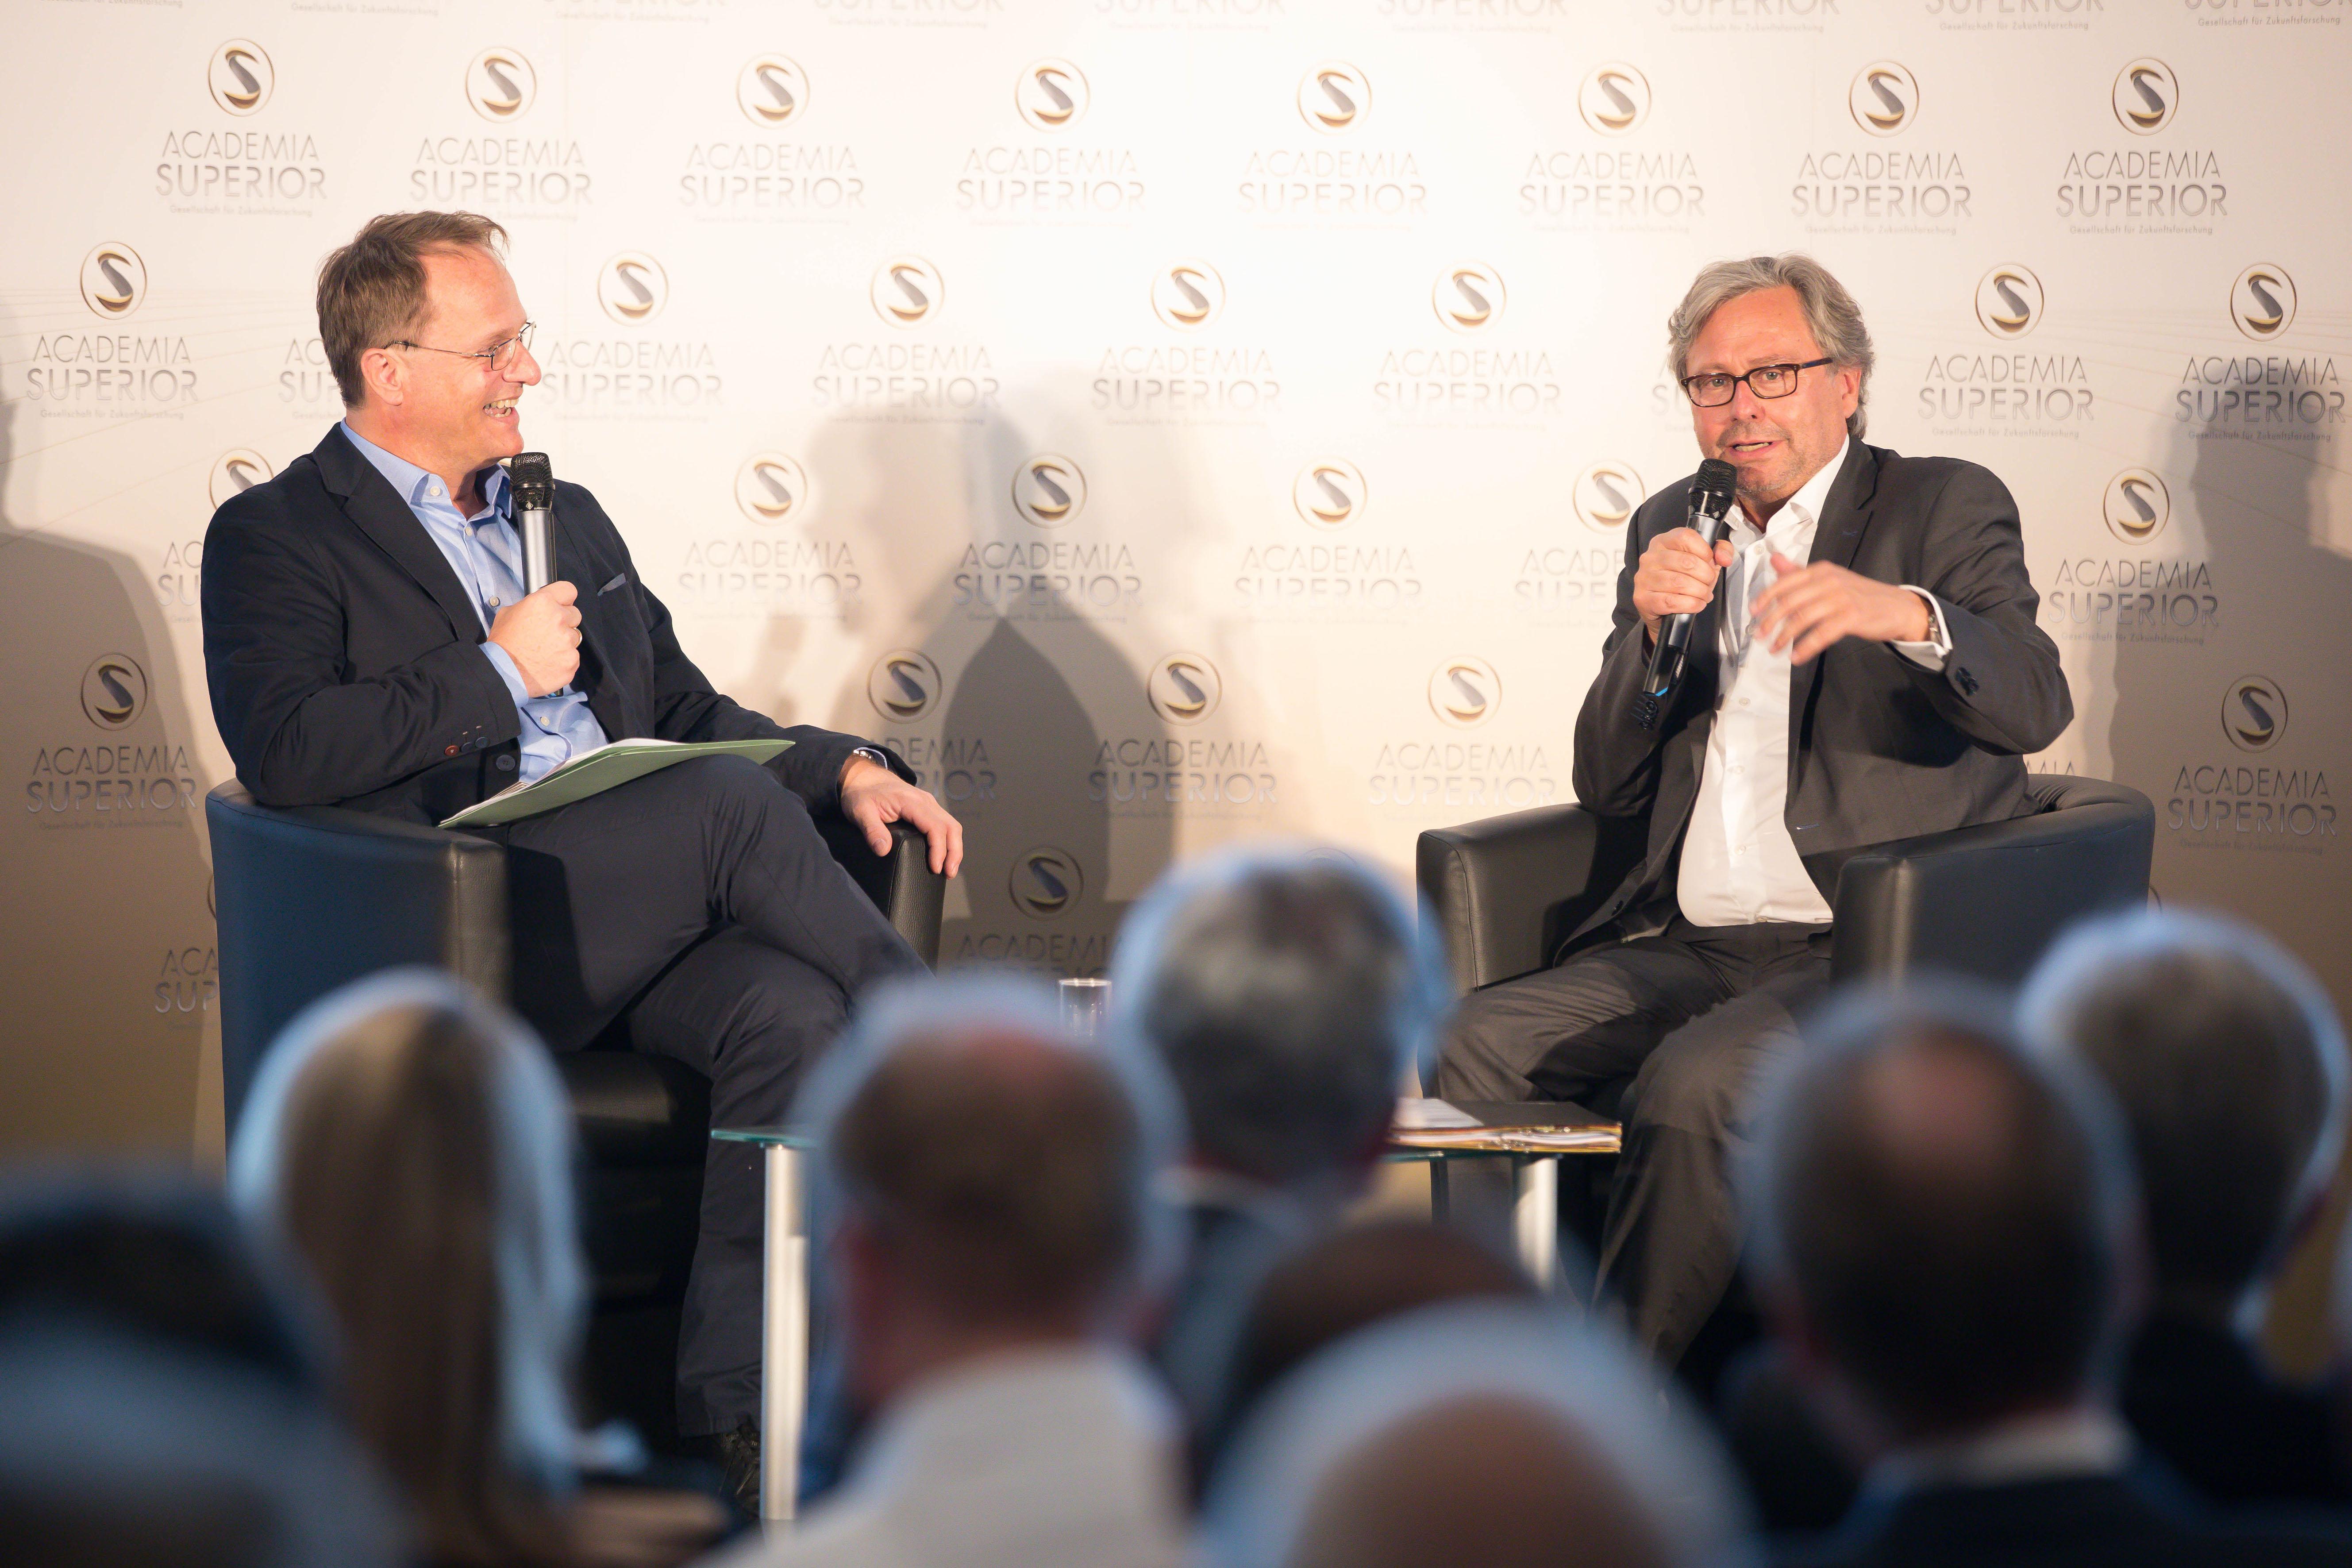 Foto 1: ORF Generaldirektor Dr. Alexander Wrabetz und Univ.-Prof. Dr. Markus Hengstschläger im DIALOG im Südflügel des Linzer Schlosses